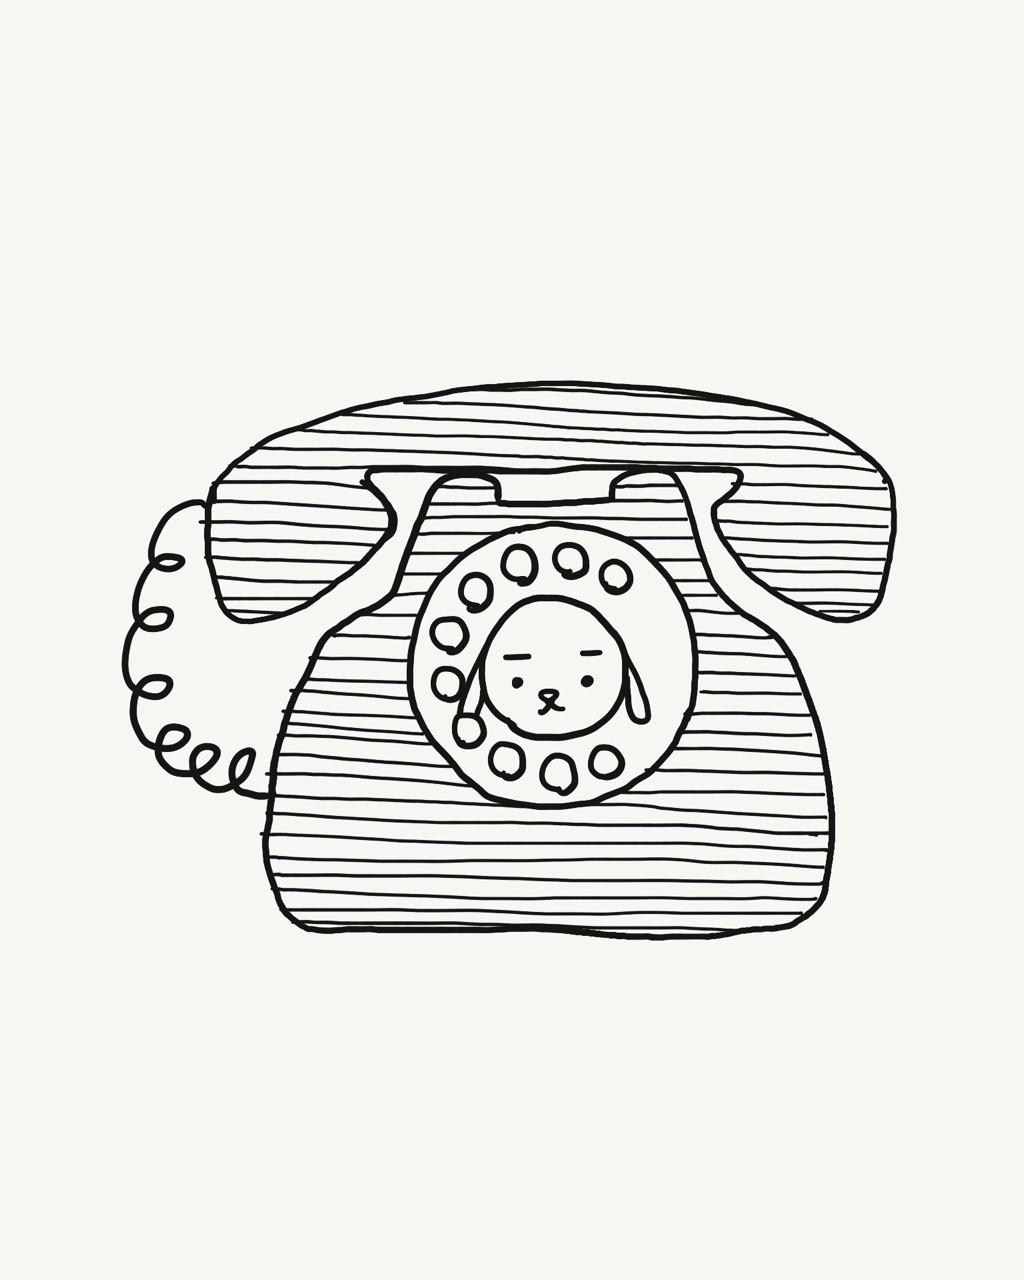 今日は何の日130 3分間電話の日ワンぞうのすばらしい日々